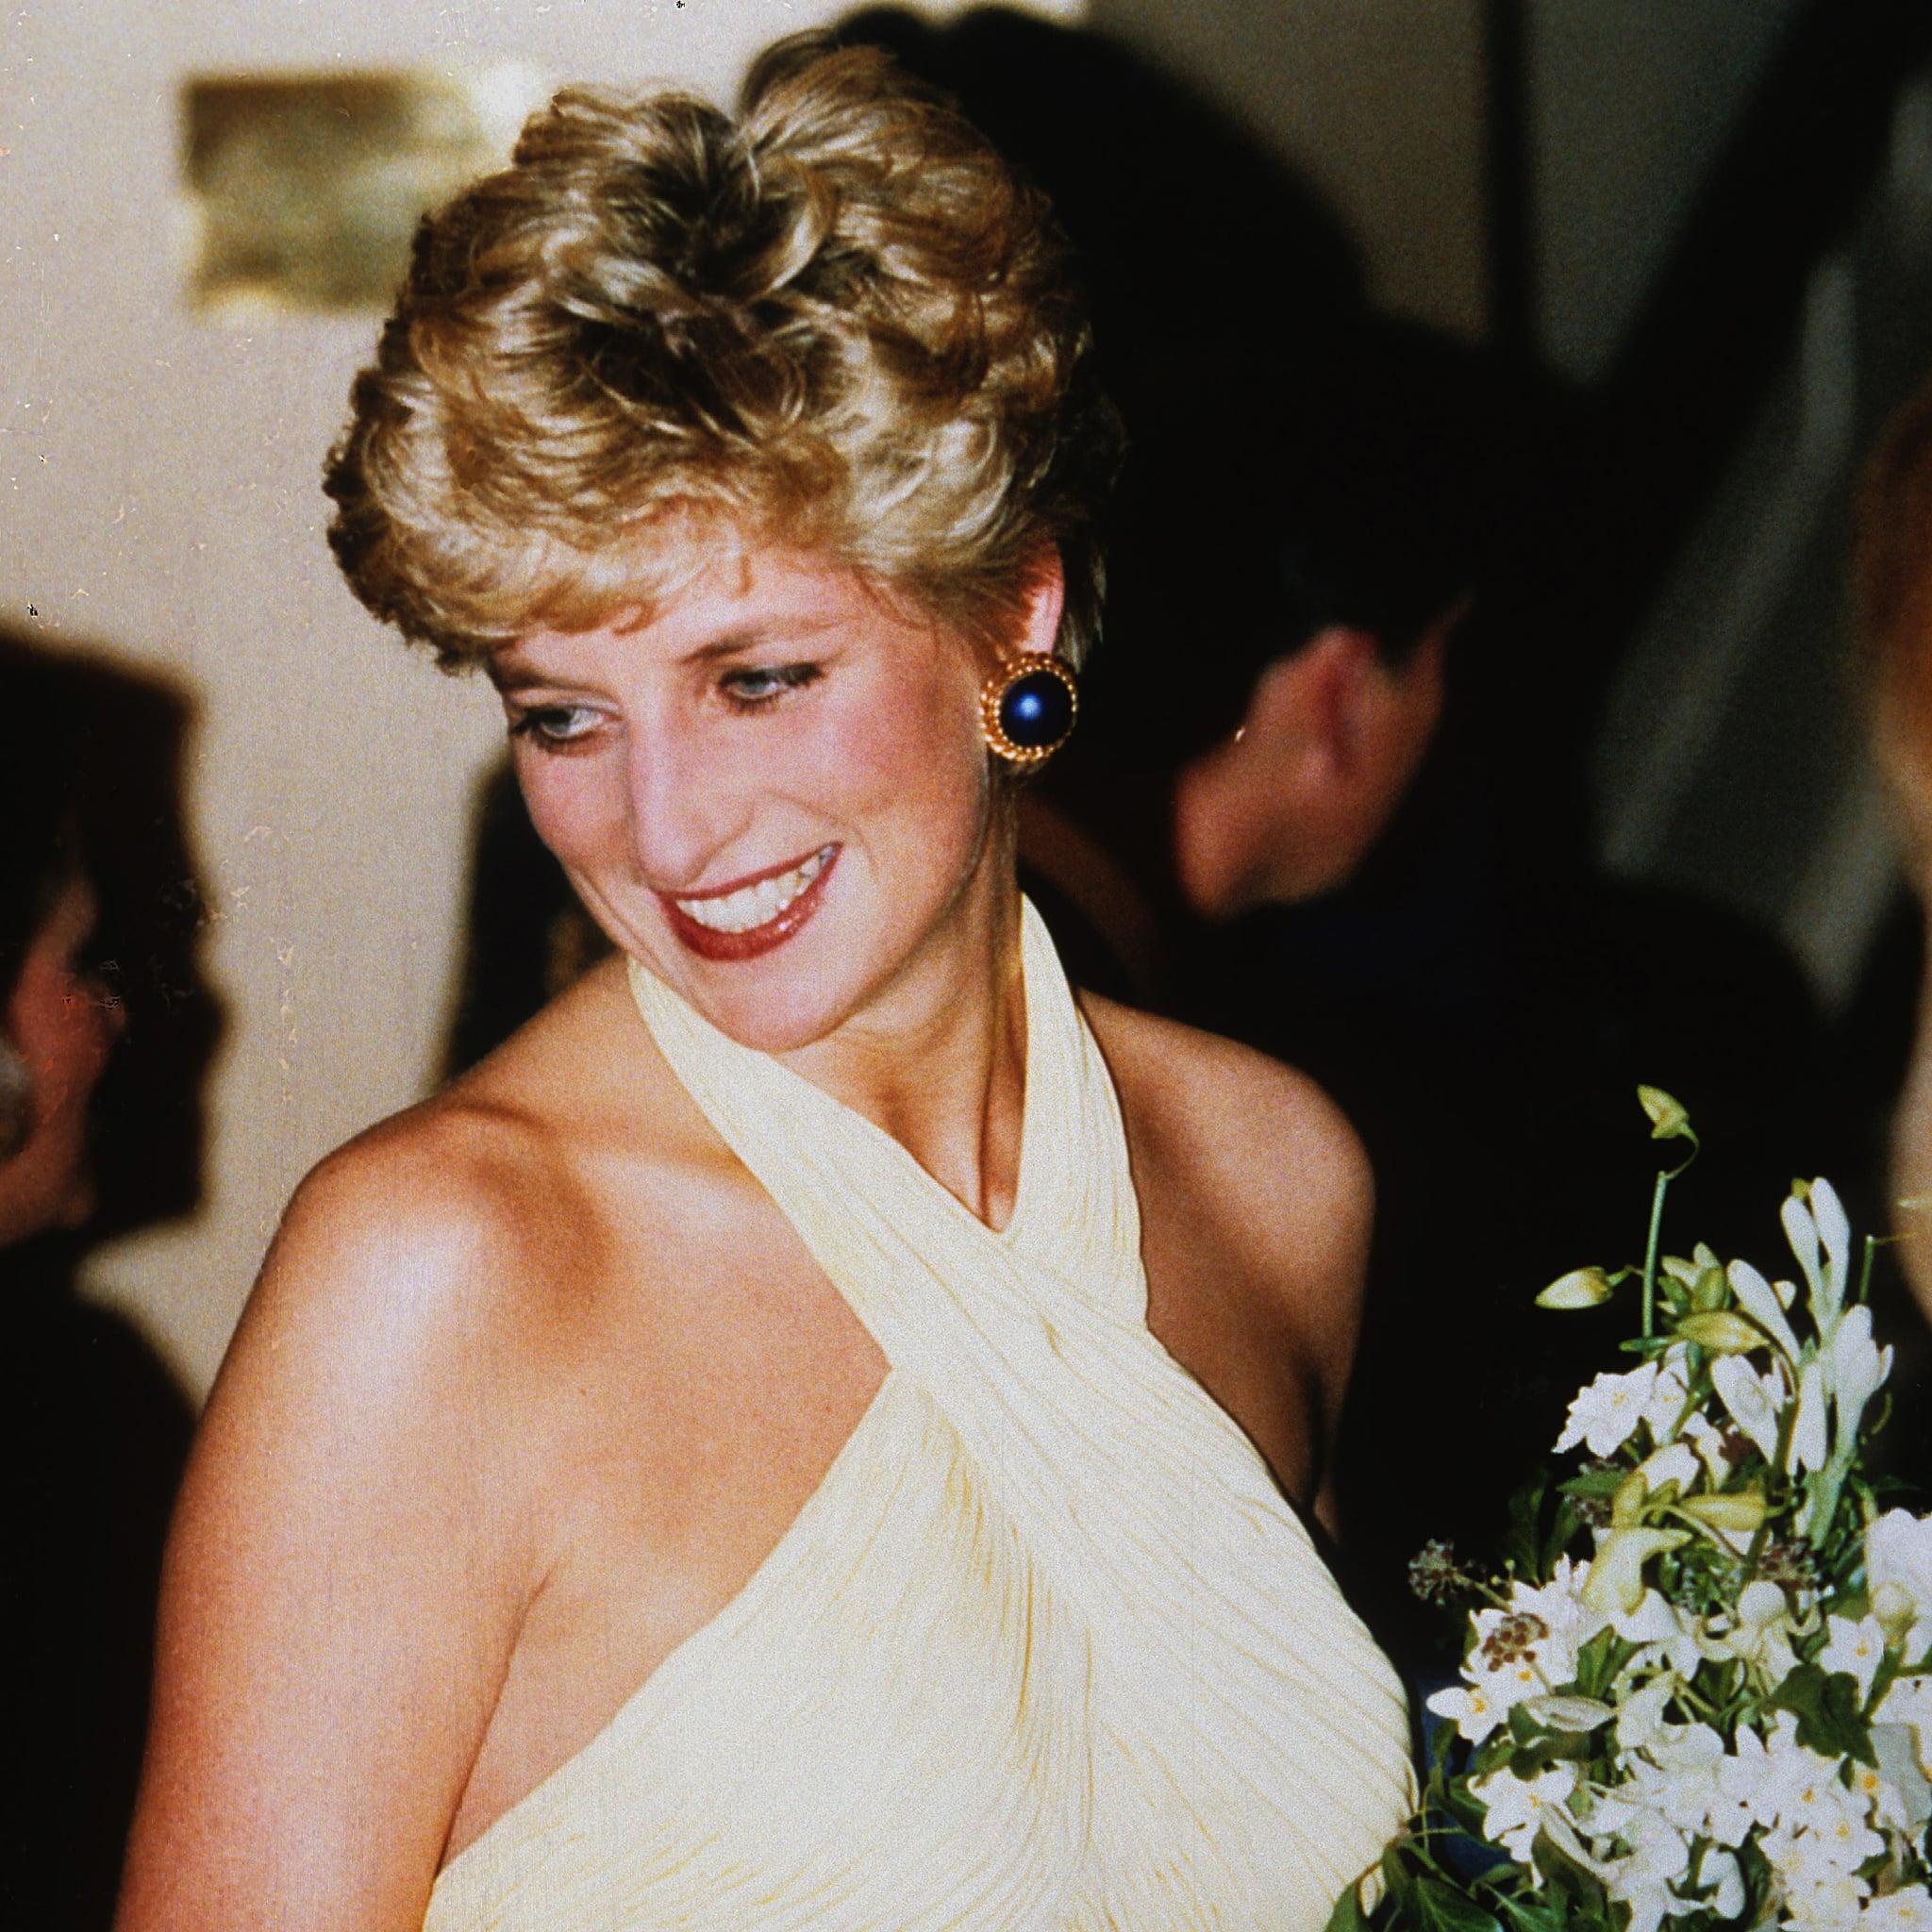 Không thể phủ nhận rằng, công nương Diana chính là nguồn cảm hứng bất tận cho mái tóc Pixie!